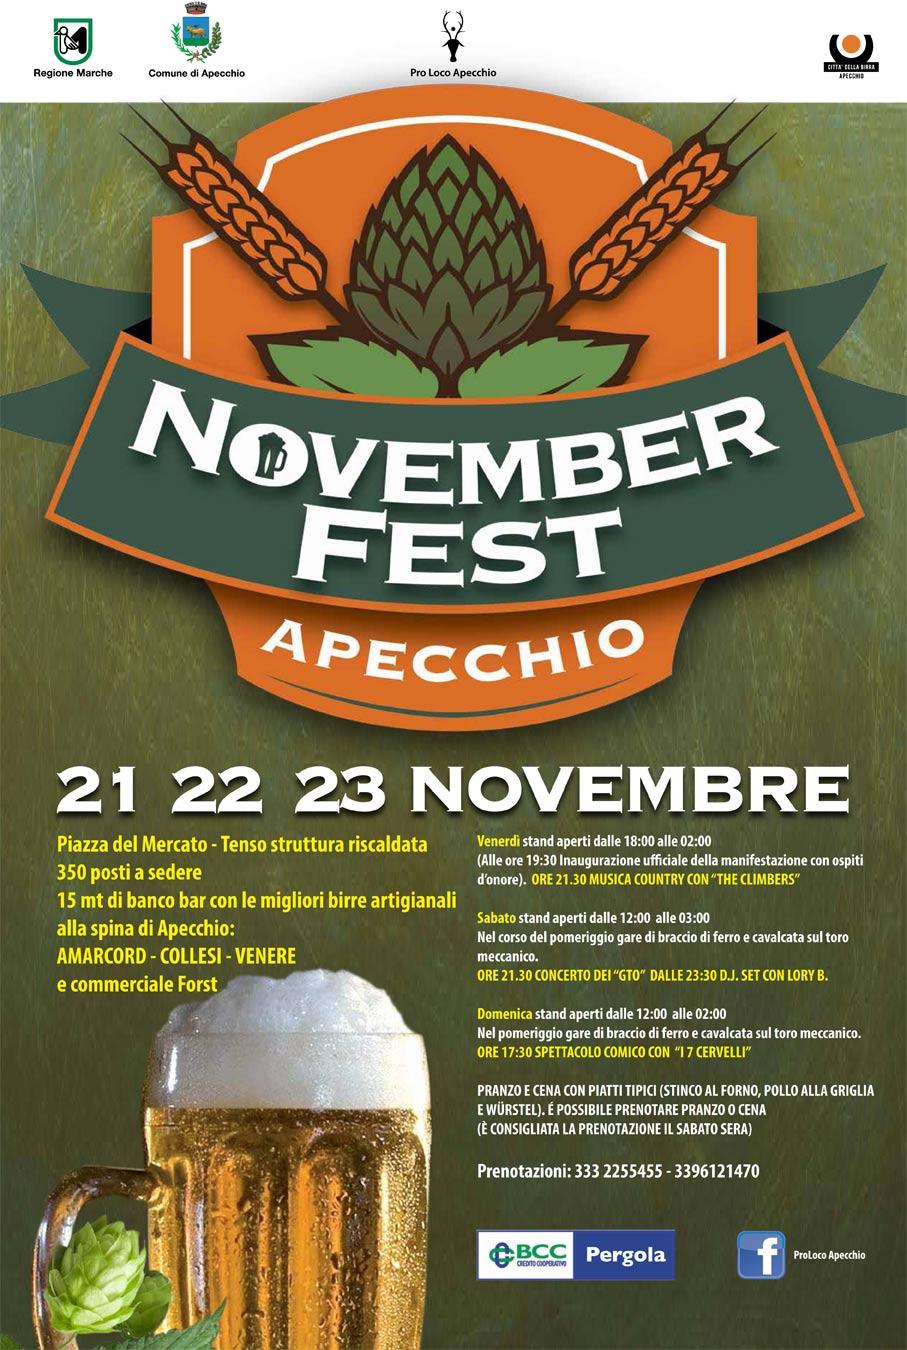 locandina-ProLoco-novemberfest